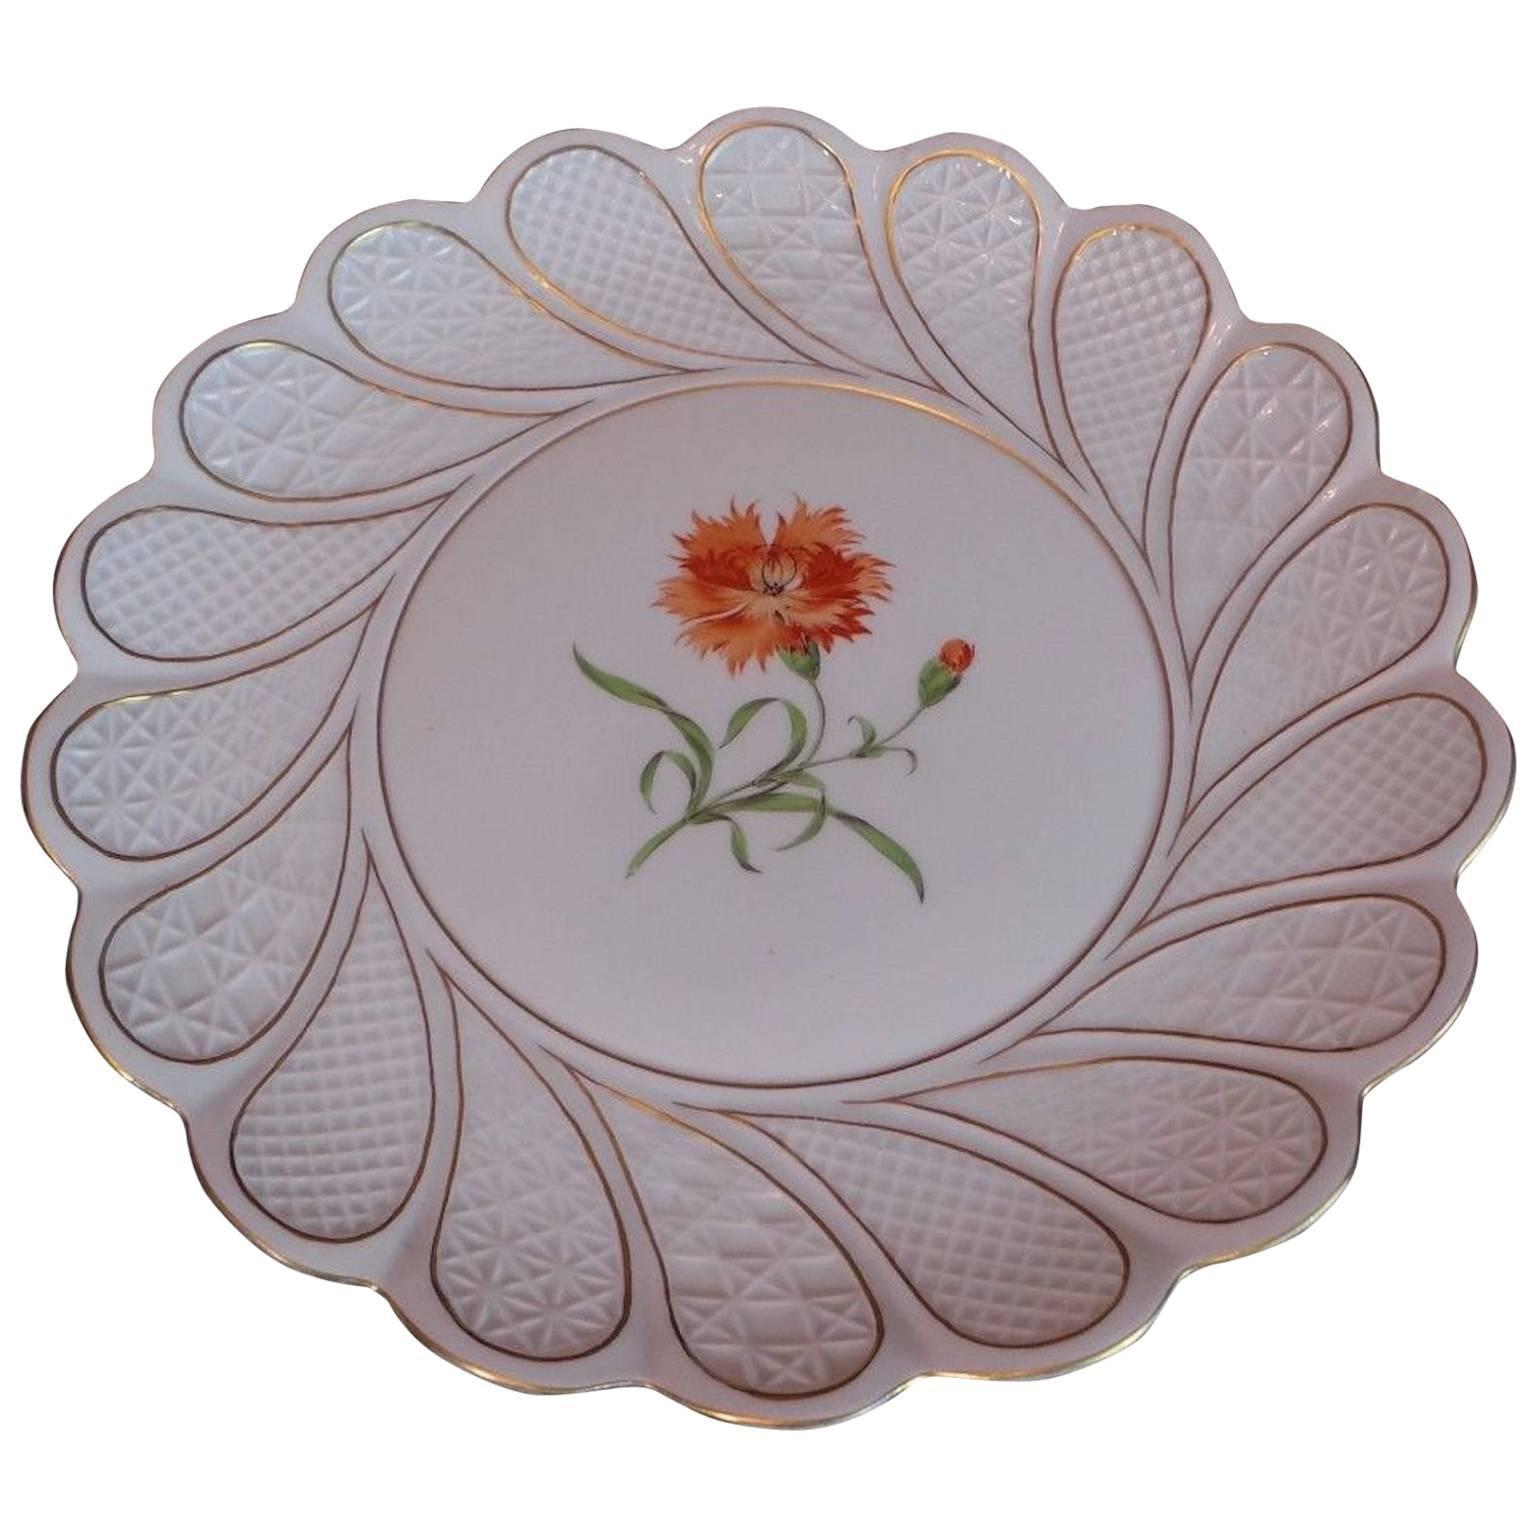 19th Century Antique Meissen Porcelain Plate